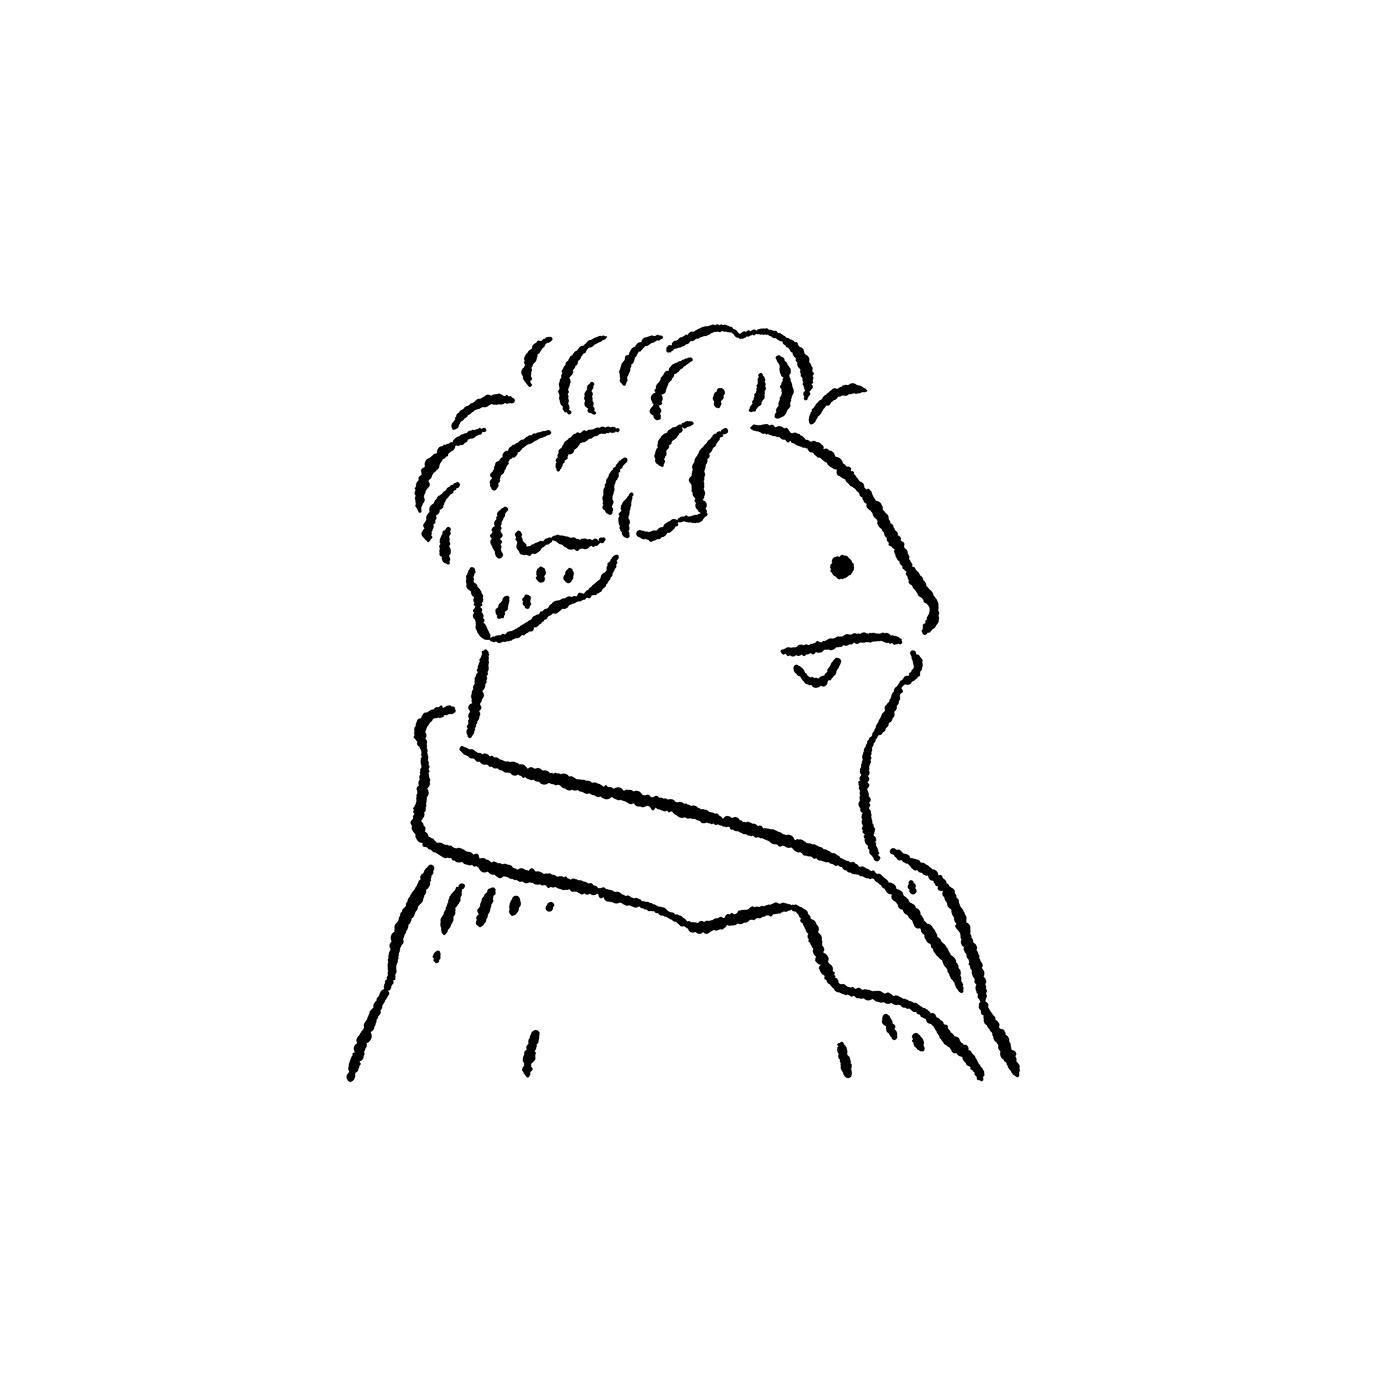 art ILLUSTRATION  popoland イラスト 插畫 波寶島 藝術 角色 簡約 黑白